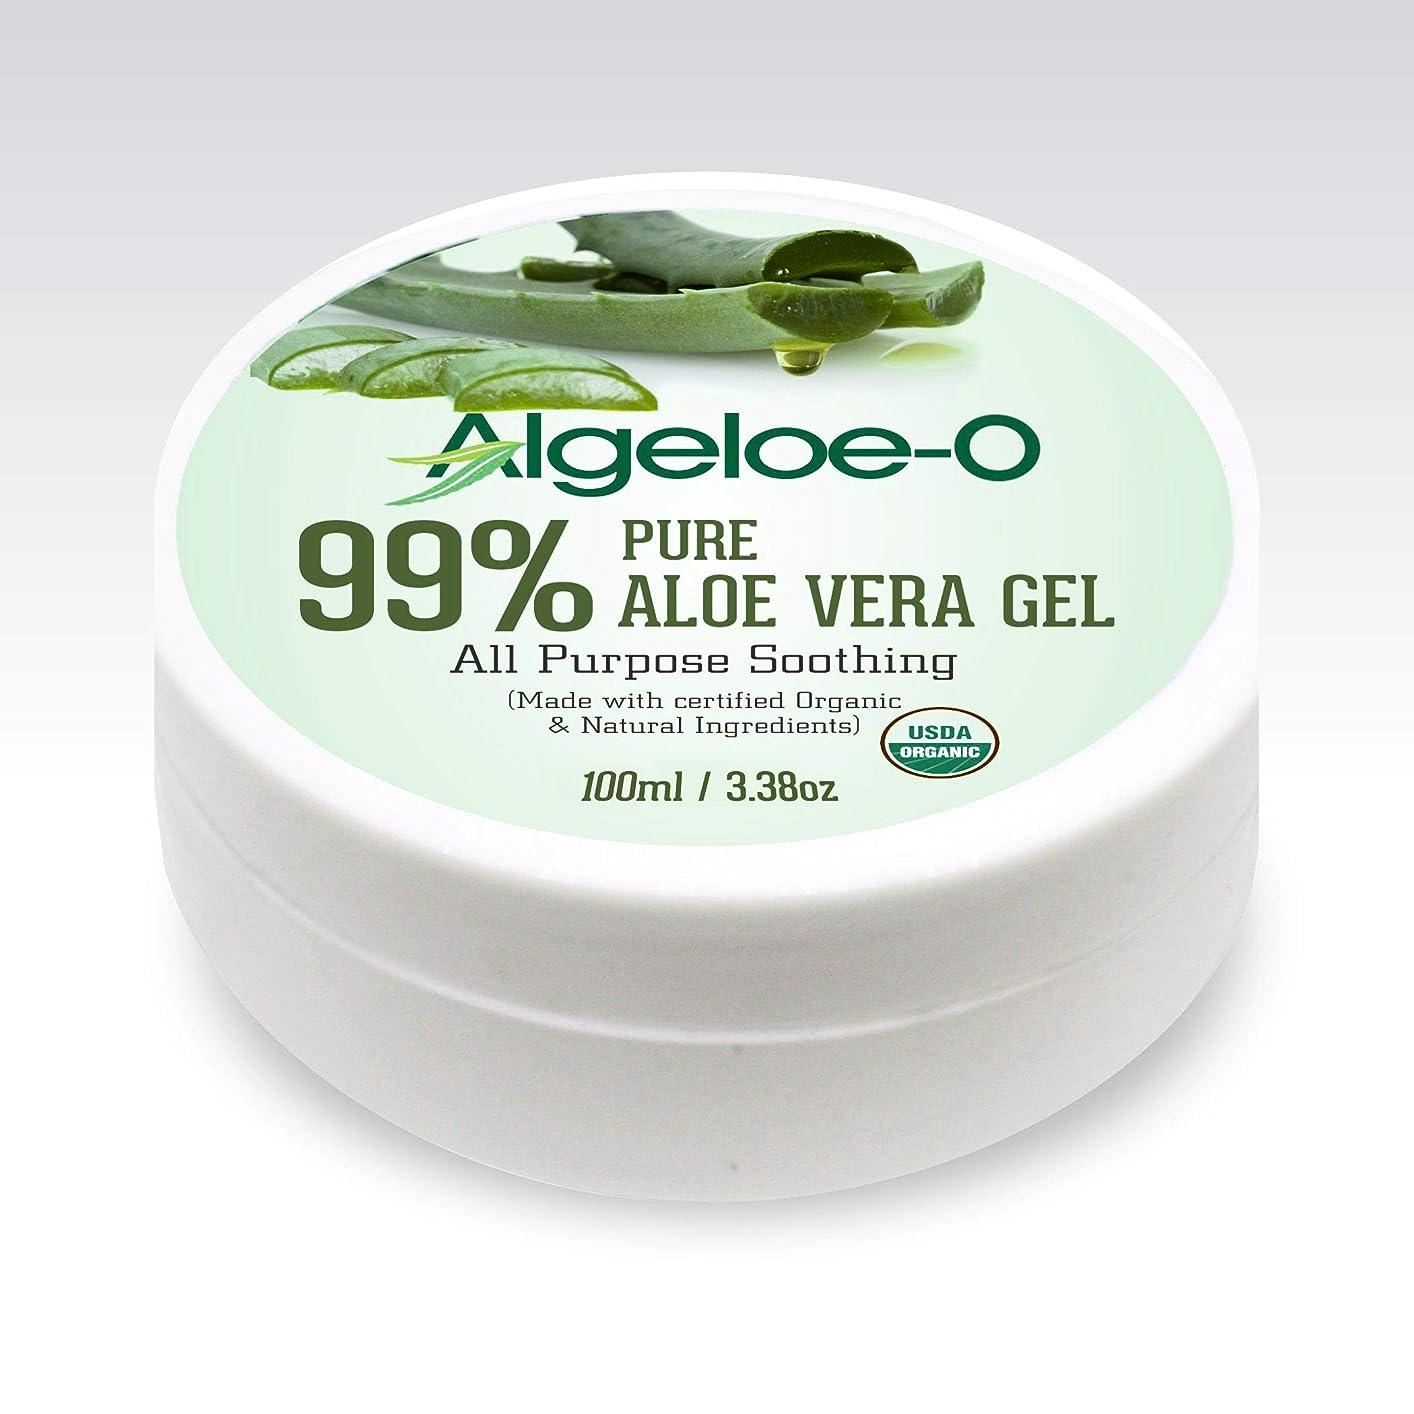 分離するに沿って説明Algeloe-O? Organic Aloe Vera Gel 99% Pure Natural made with USDA Certified Aloe Vera Powder Paraben, sulfate free with no added color 100ml/3.38oz.